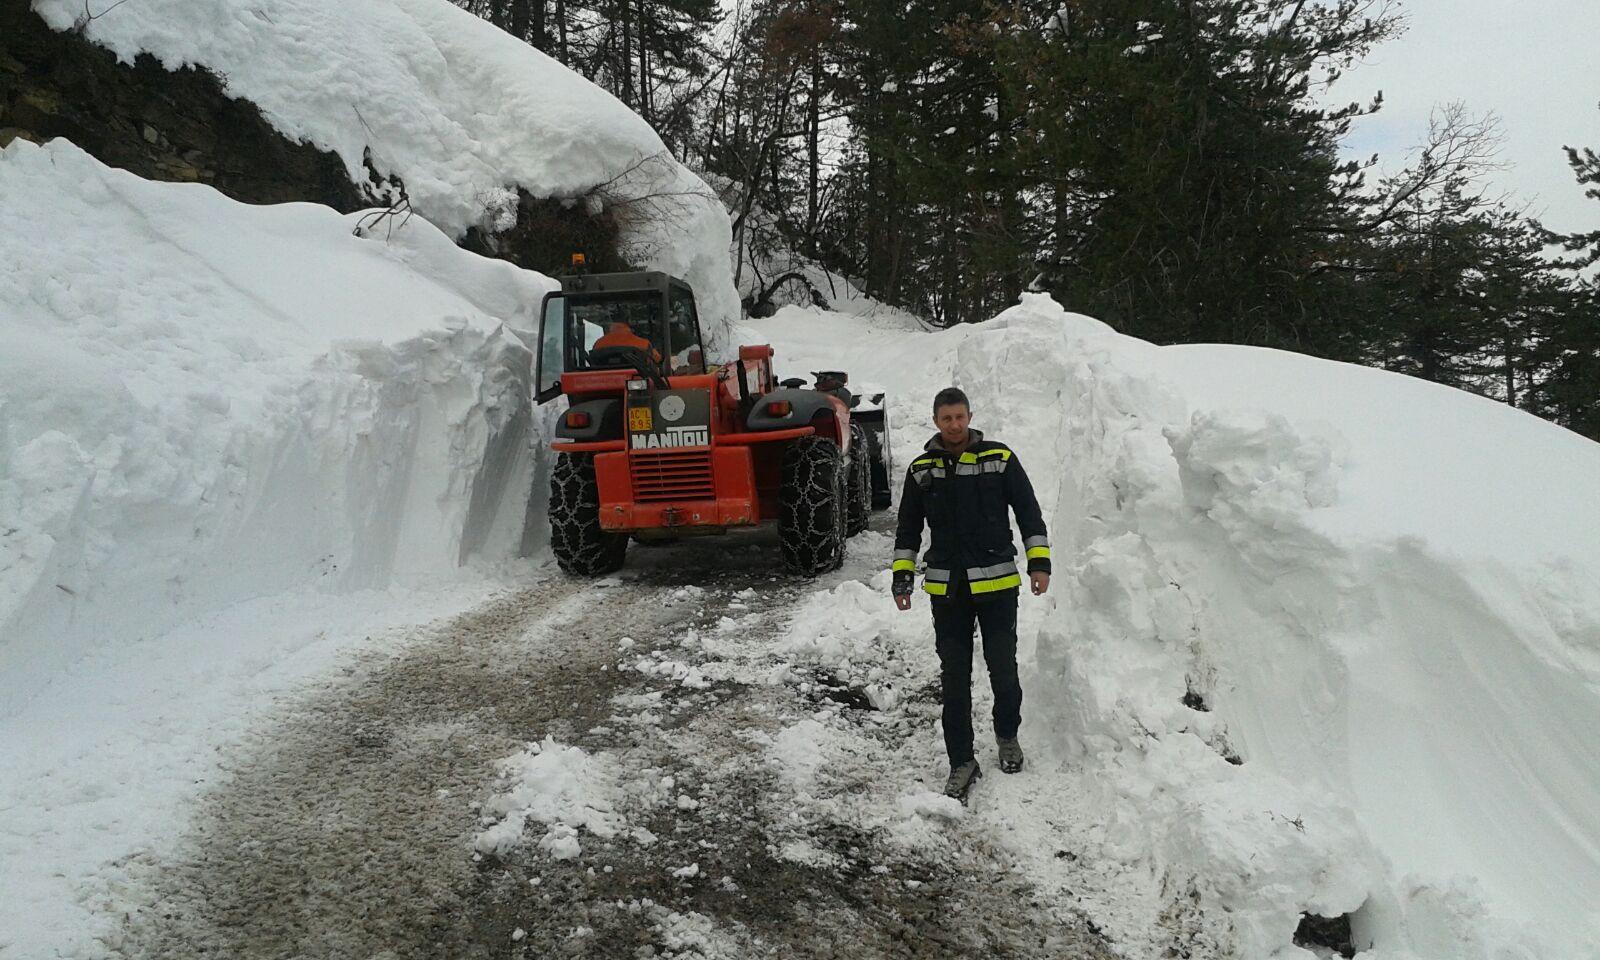 Biancofiore: Südtirol könnte im Krisengebiet noch mehr tun